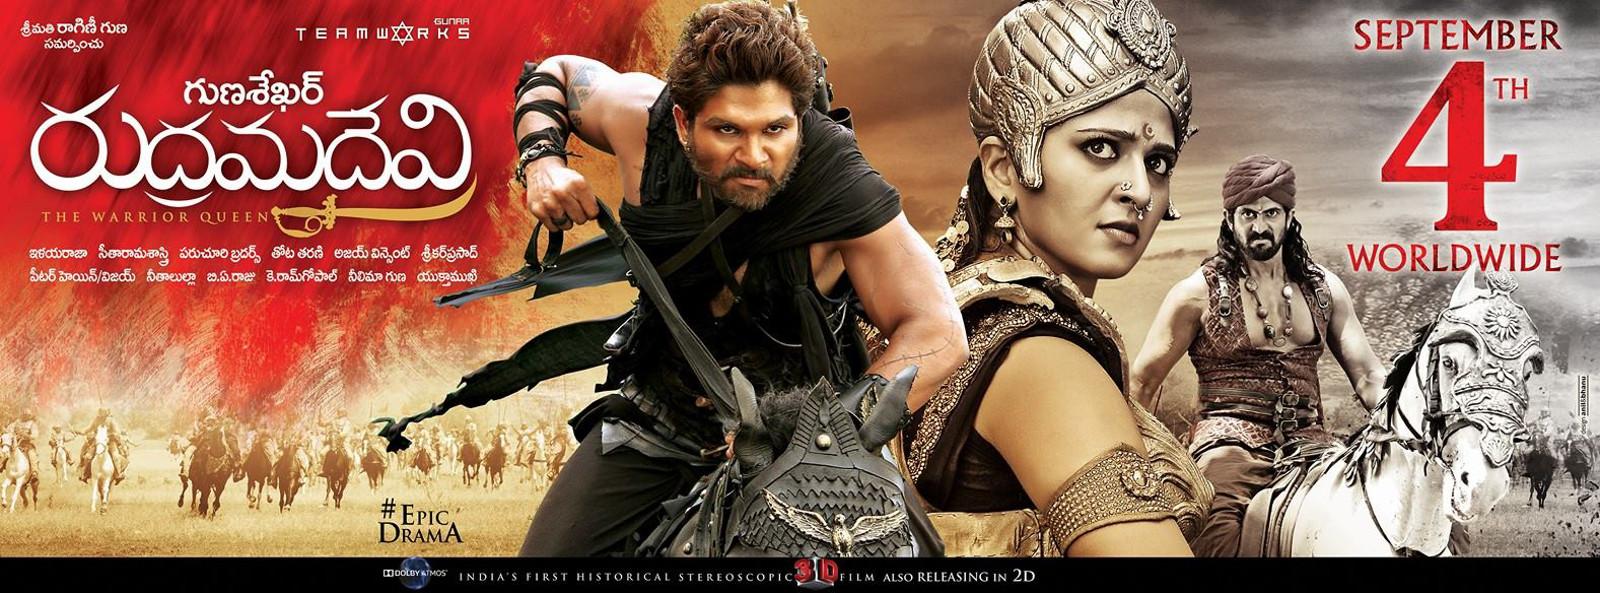 Allu Arjun & Anushka in Rudramadevi Movie Release Date Sept 4th Posters